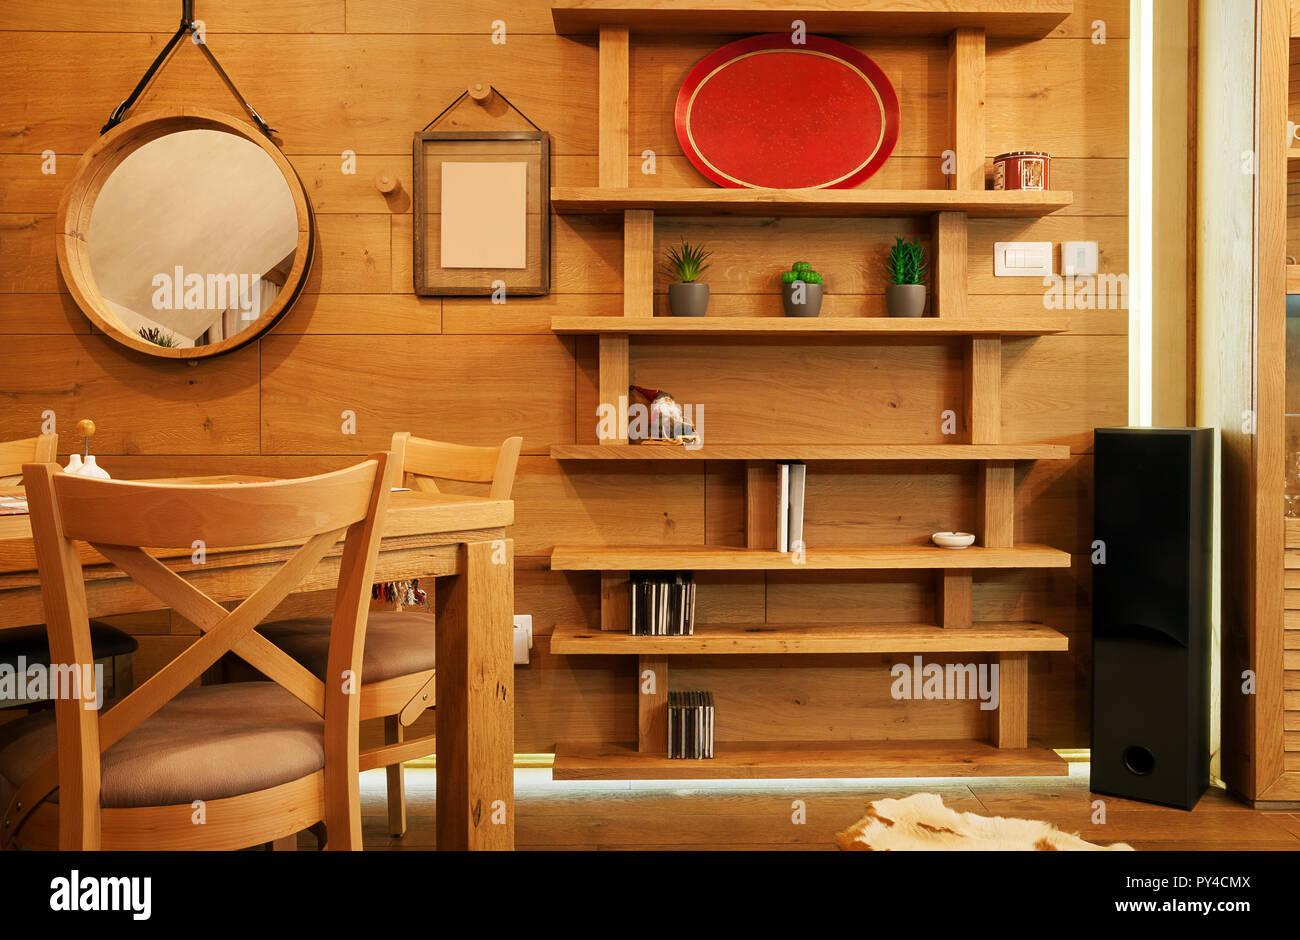 Decorazioni In Legno Per La Casa : Interno di una casa pareti in legno e ripiani con oggetti